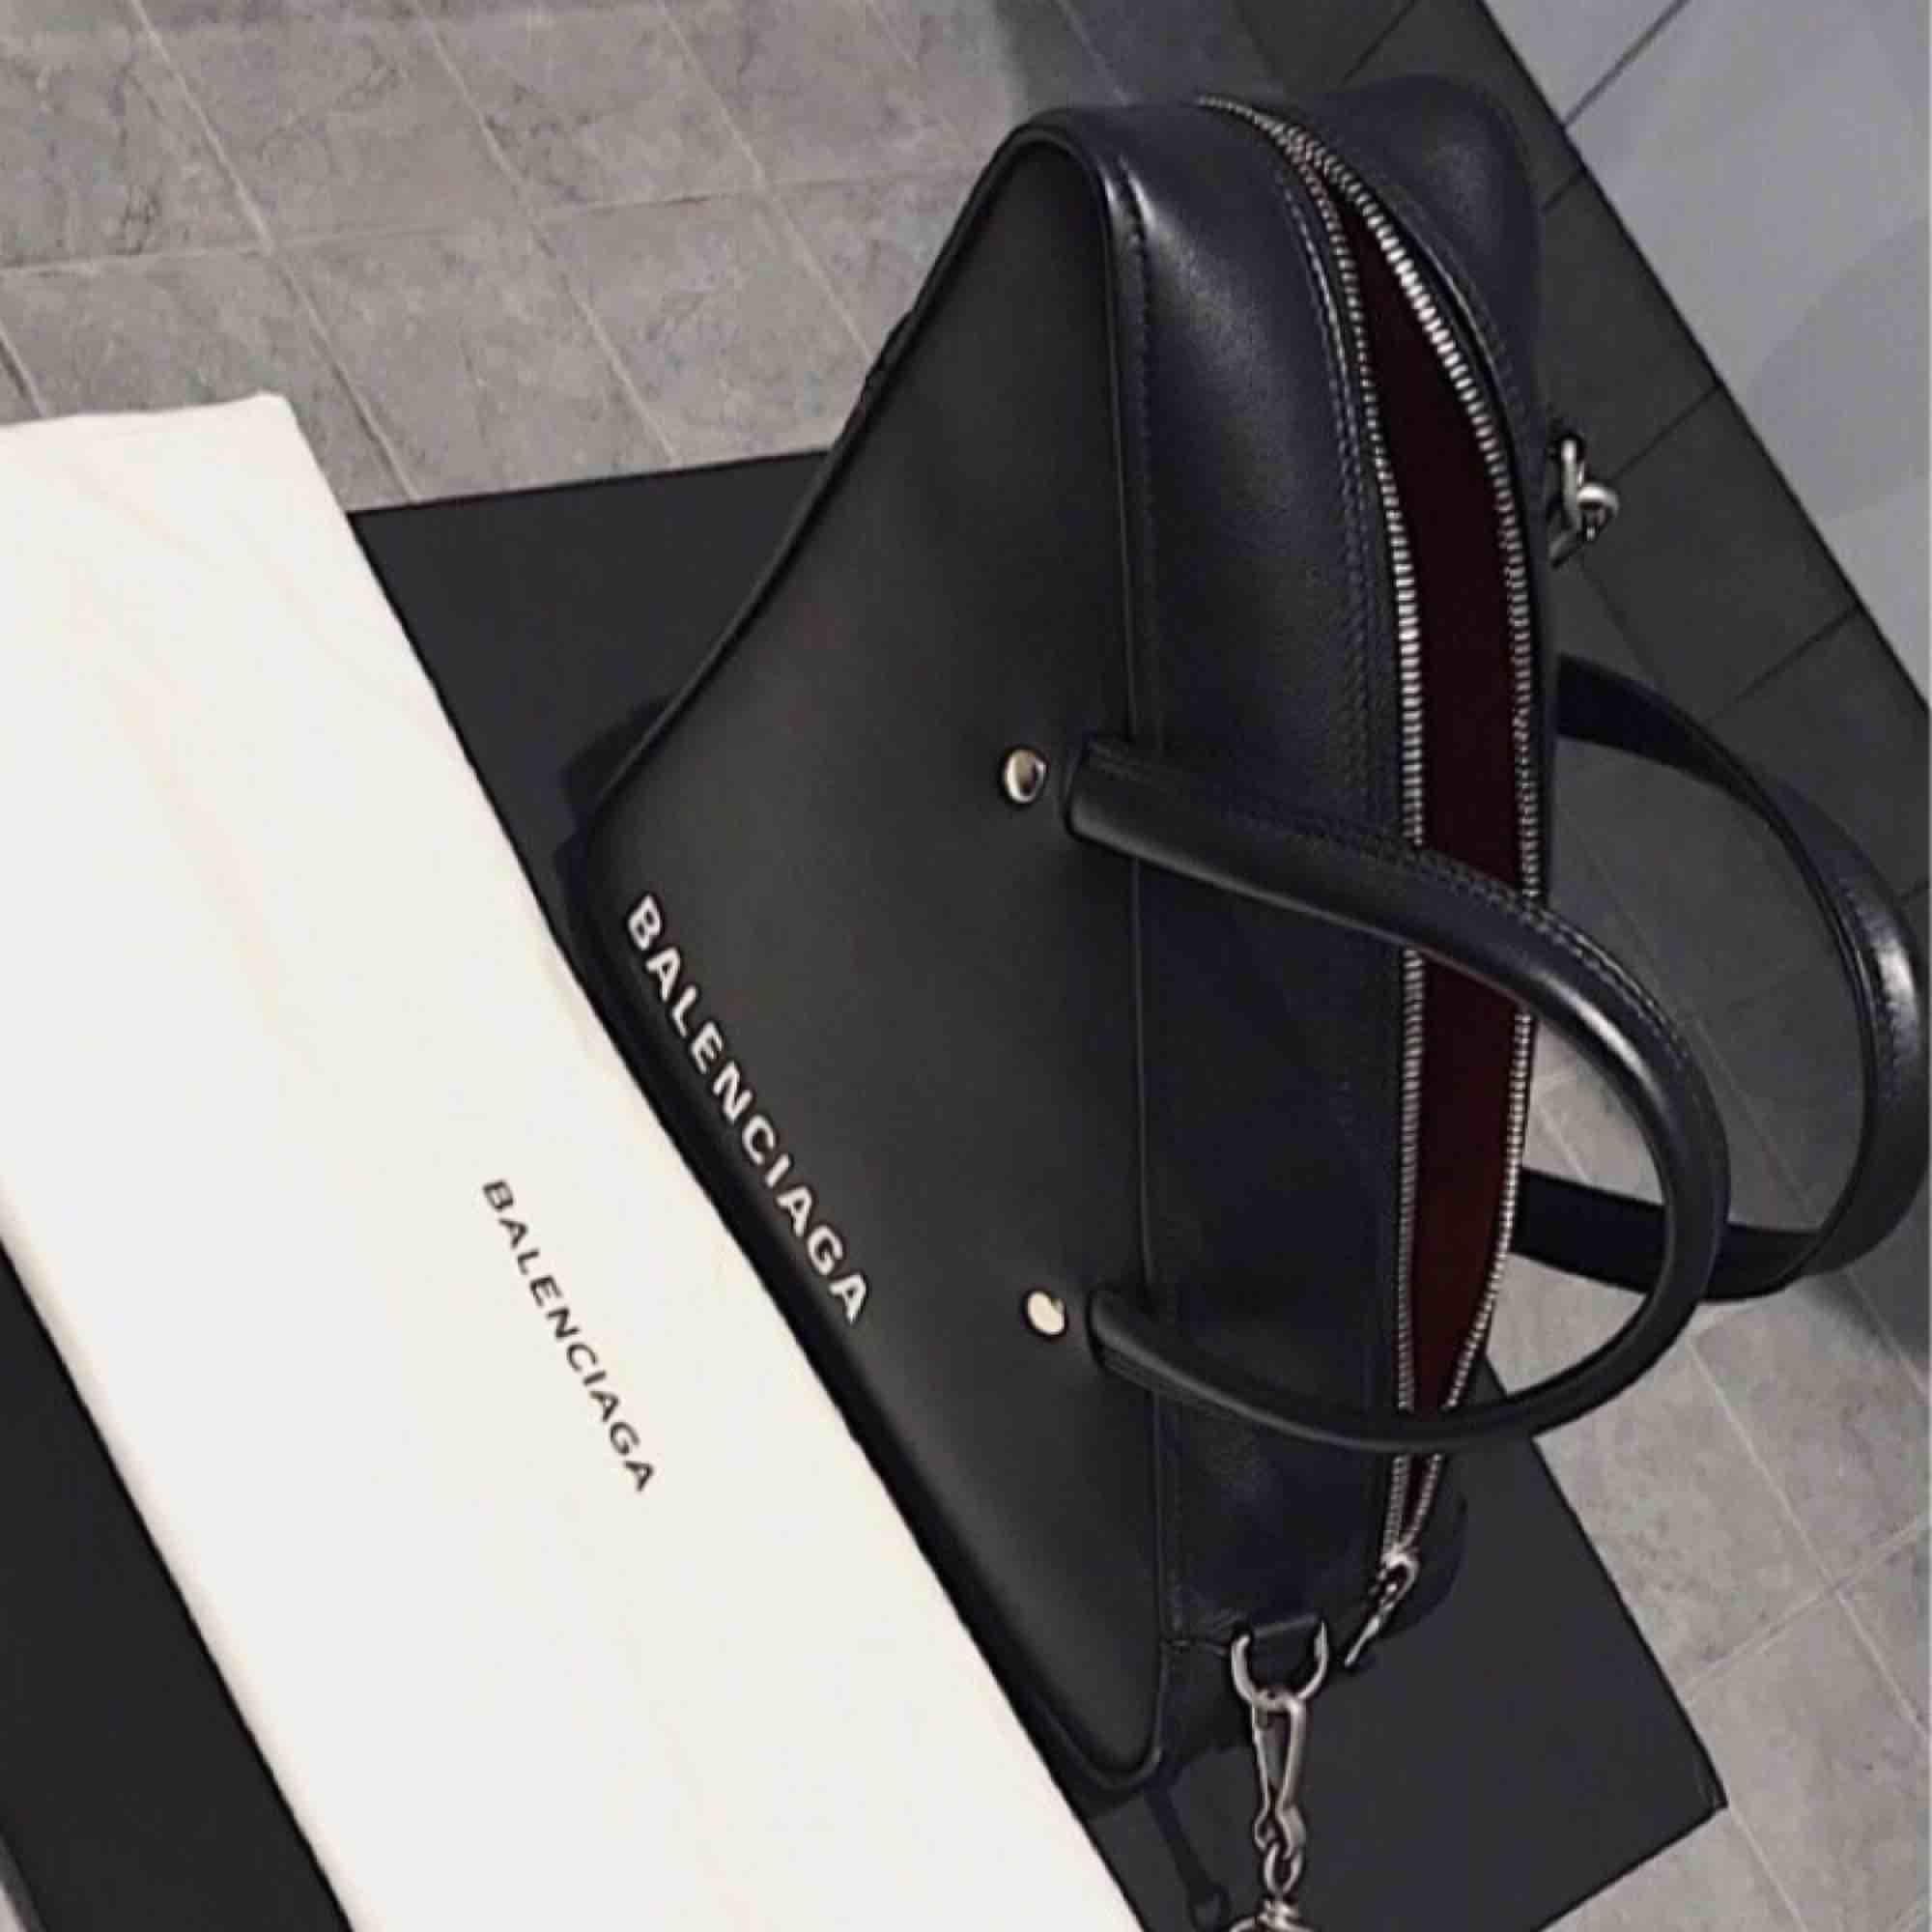 Säljer en knappt använd väska från Balenciaga, inköpt hos Nathalie Schuterman 27 oktober 2018. Inköpt för 18.000 kr. Kvitto finns självklart. Dustbag och axelrem medföljer. . Väskor.